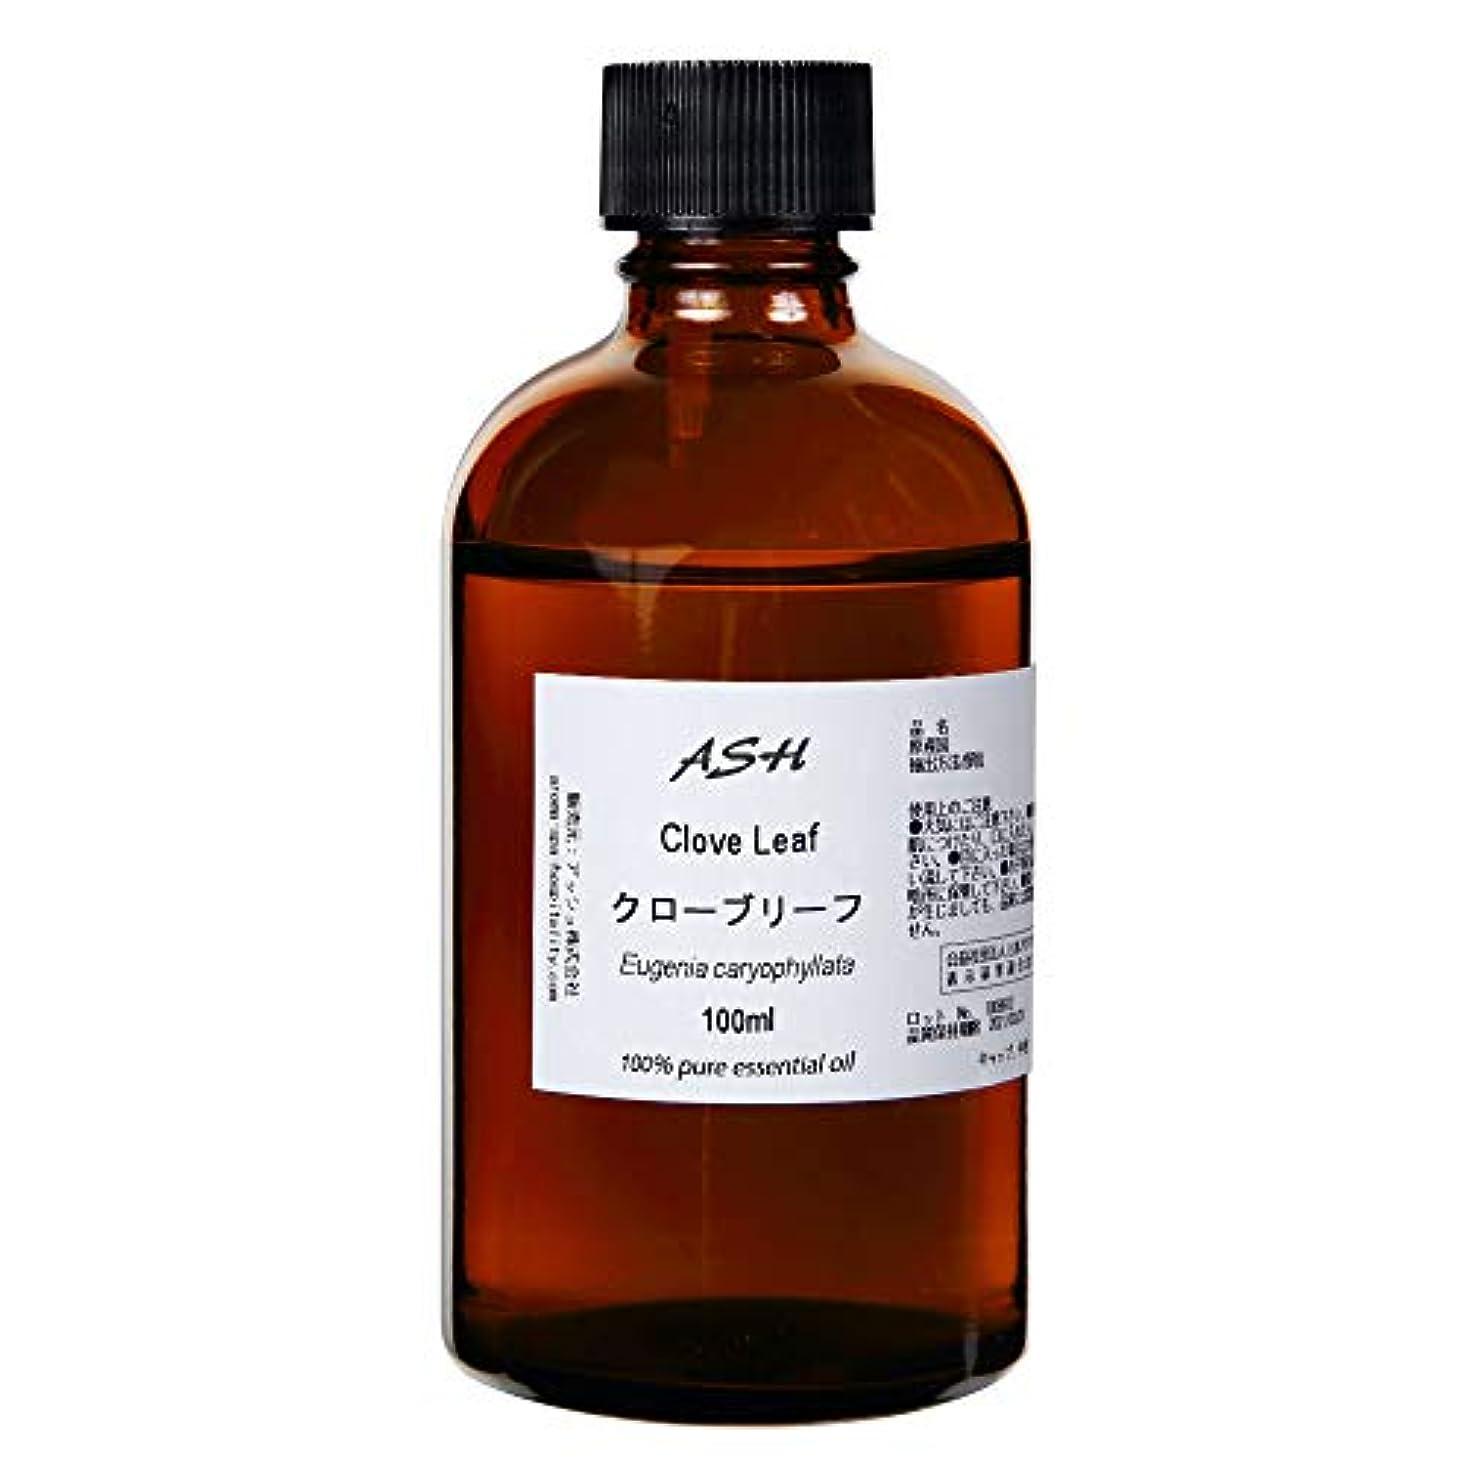 マッサージアテンダントライナーASH クローブ リーフ エッセンシャルオイル 100ml AEAJ表示基準適合認定精油